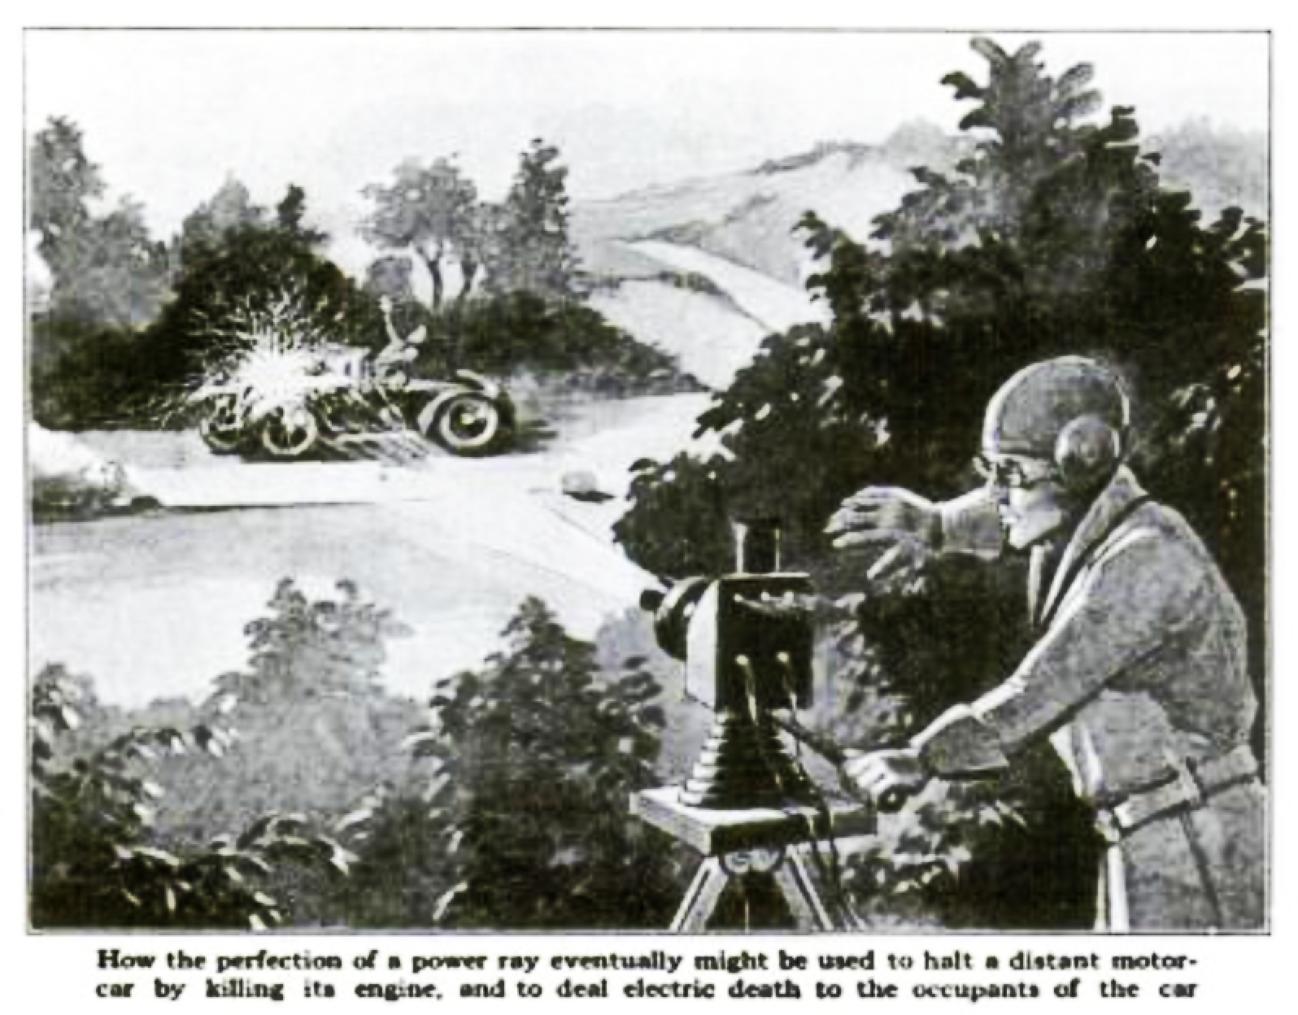 В статье, опубликованной 22 сентября 1940 года. Где говорилось о создании Теслой невидимых защитных полей силы, беспроводной передачи энергии и сжигающие лучи. Говорилось и о защитном поле Николы Тесла. Сквозь данное поле не один объект не мог проникнуть, а при контакте с полем, он разрушался.